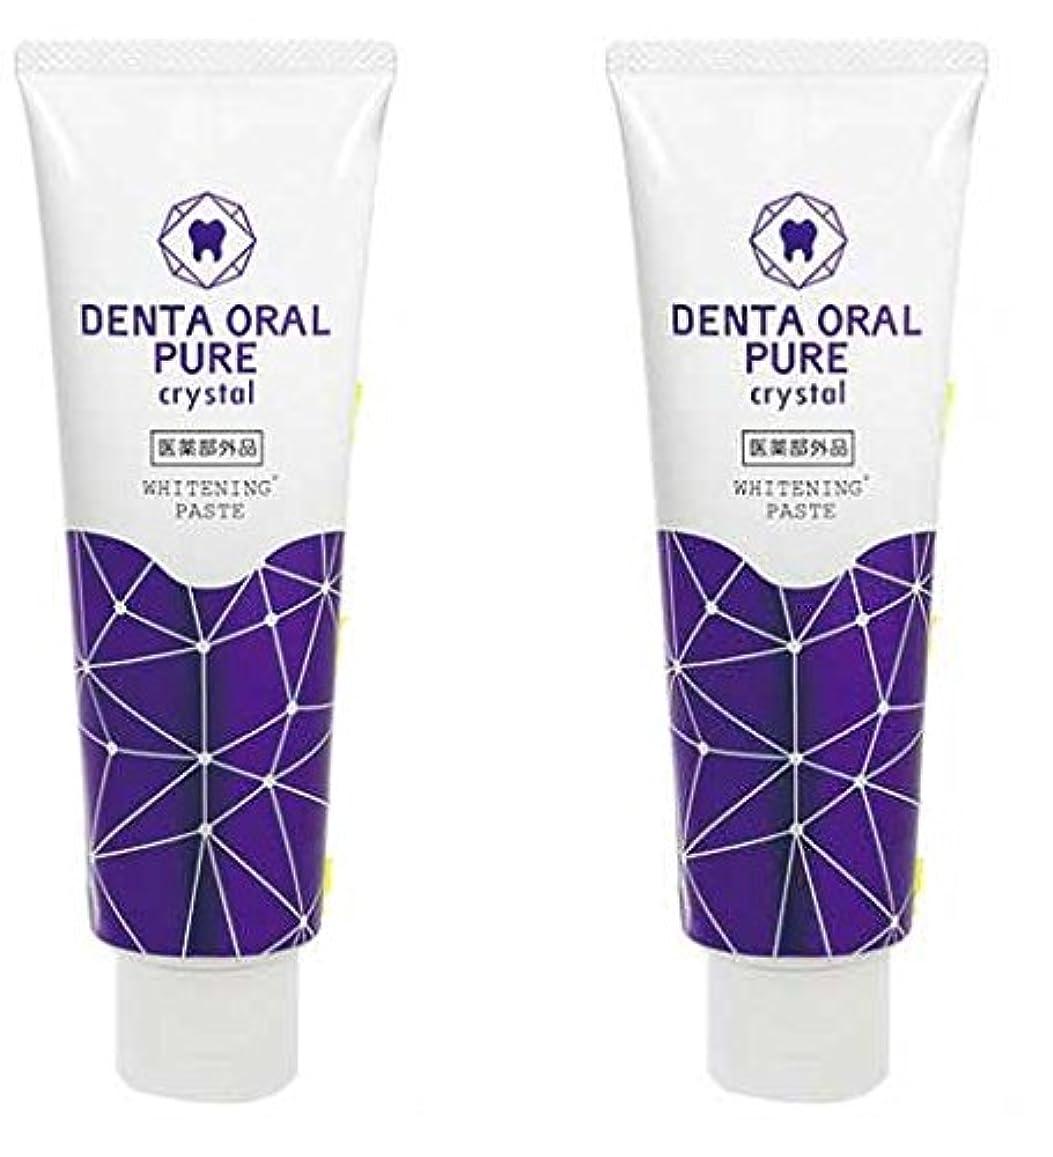 くさび描く放置ホワイトニング歯磨き粉 デンタオーラルピュア クリスタル 2個セット 医薬部外品